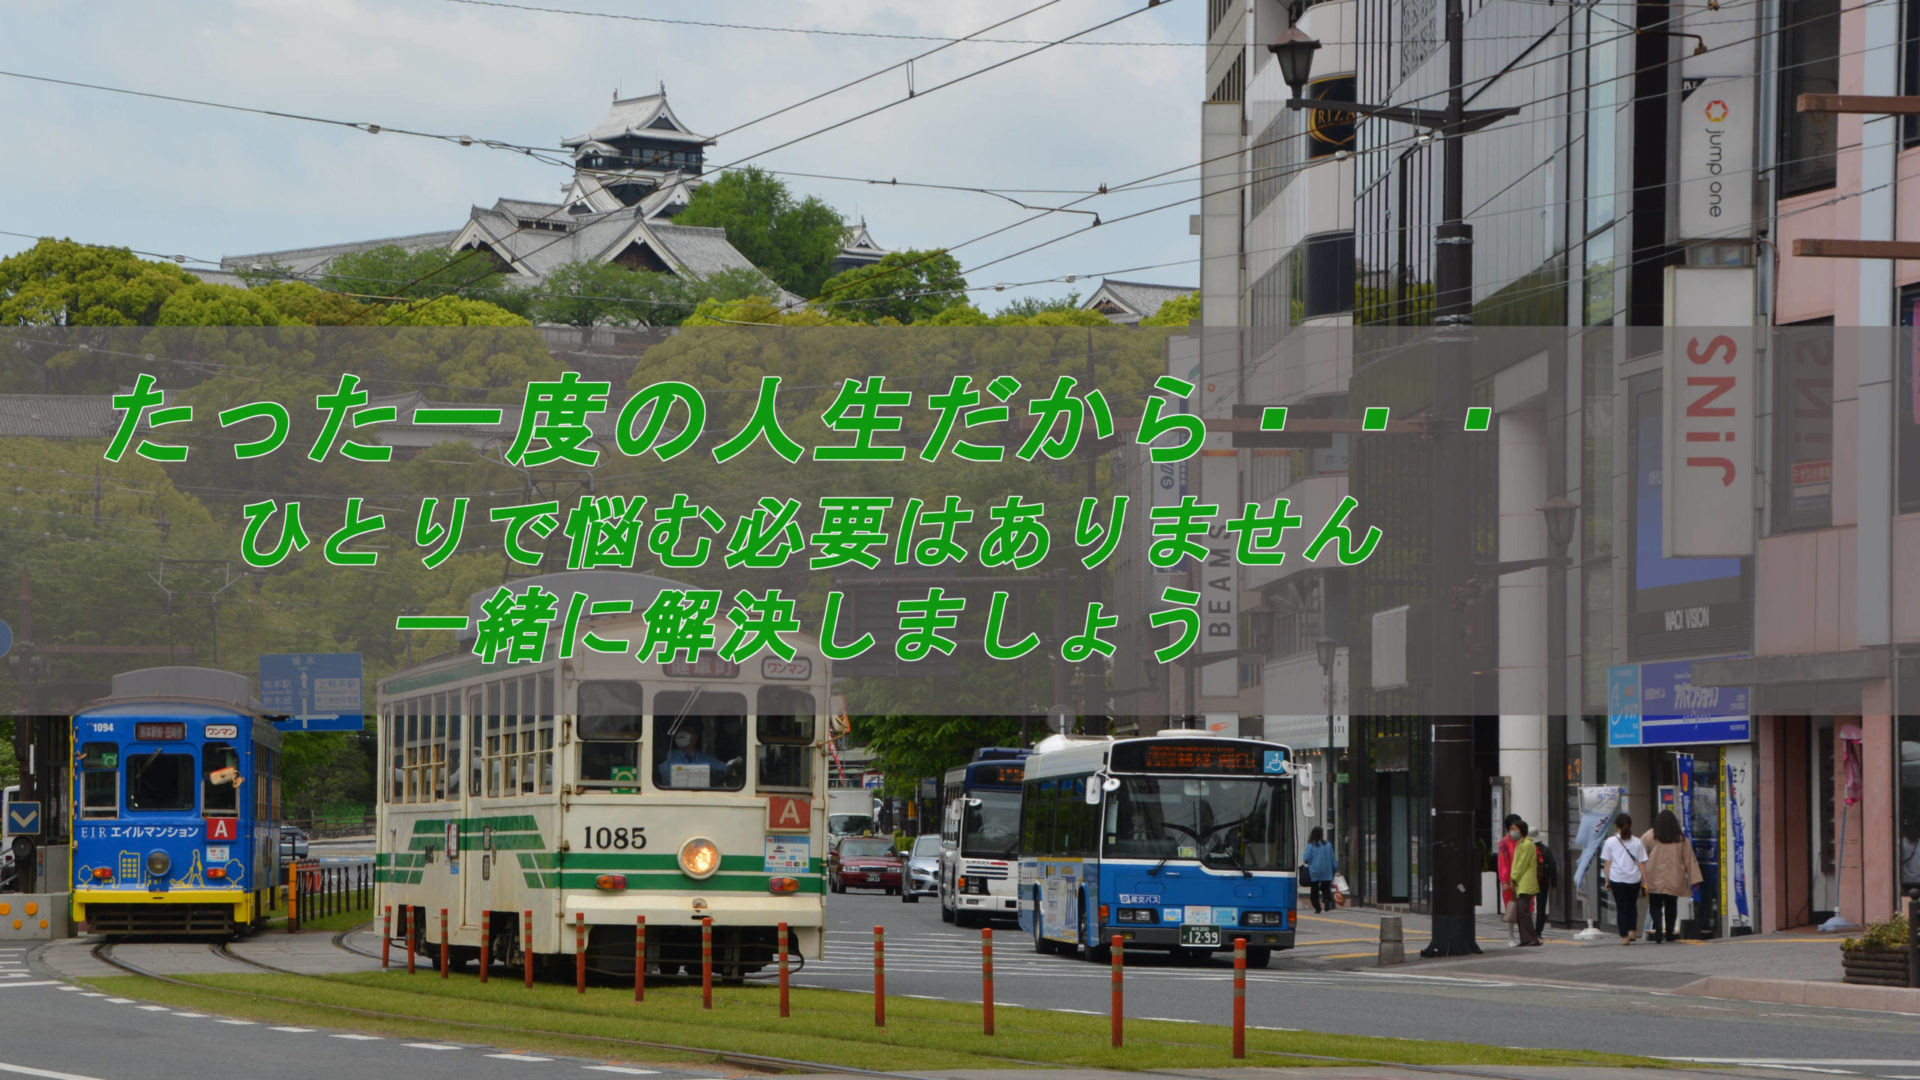 熊本の探偵|浮気や不倫調査に強い熊本の探偵・九州リサーチ